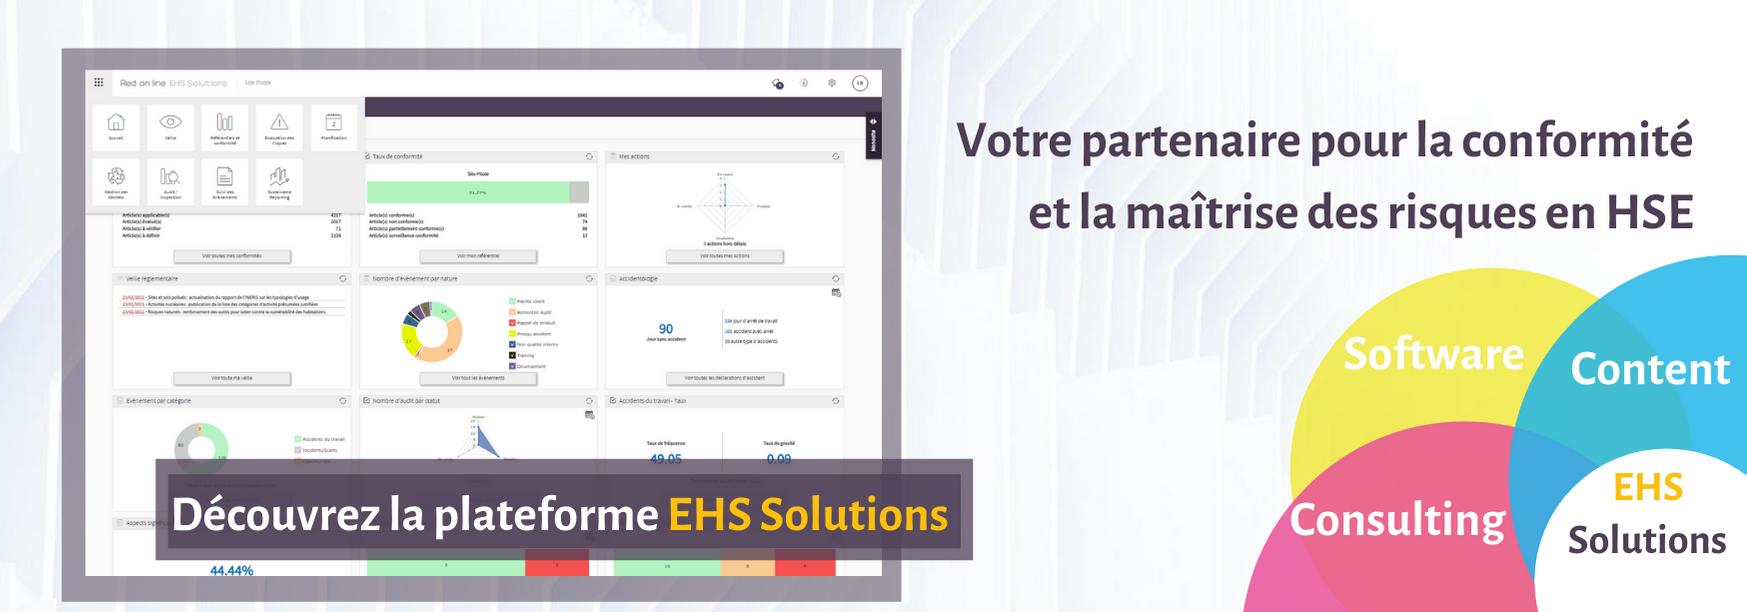 Avis EHS Solutions Red-on-line : Solution QHSE globale : veille, conformité, risques pro HSE - Appvizer